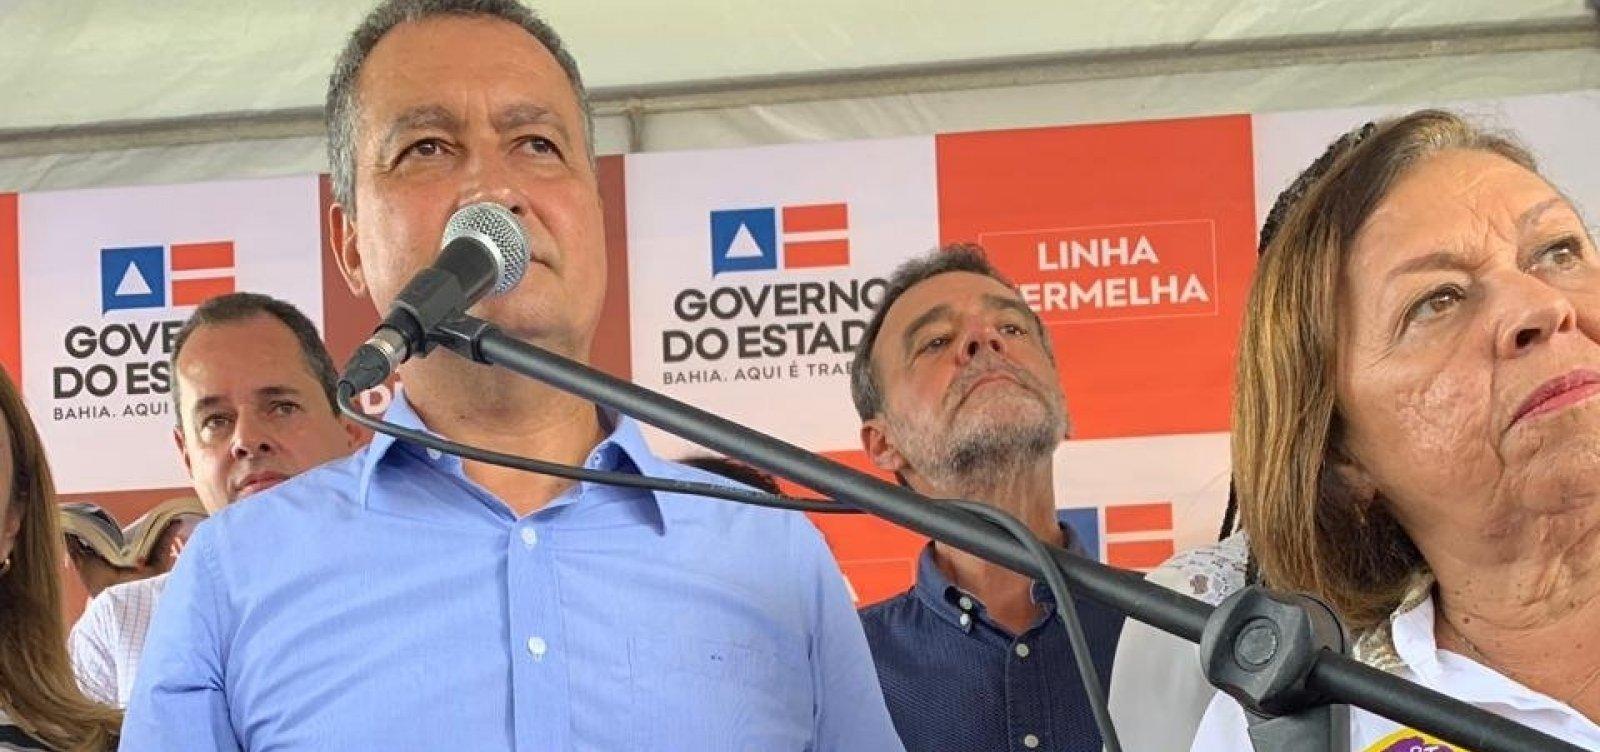 Rui diz que governo federal não honrou compromissos e deu 'calote' na Bahia